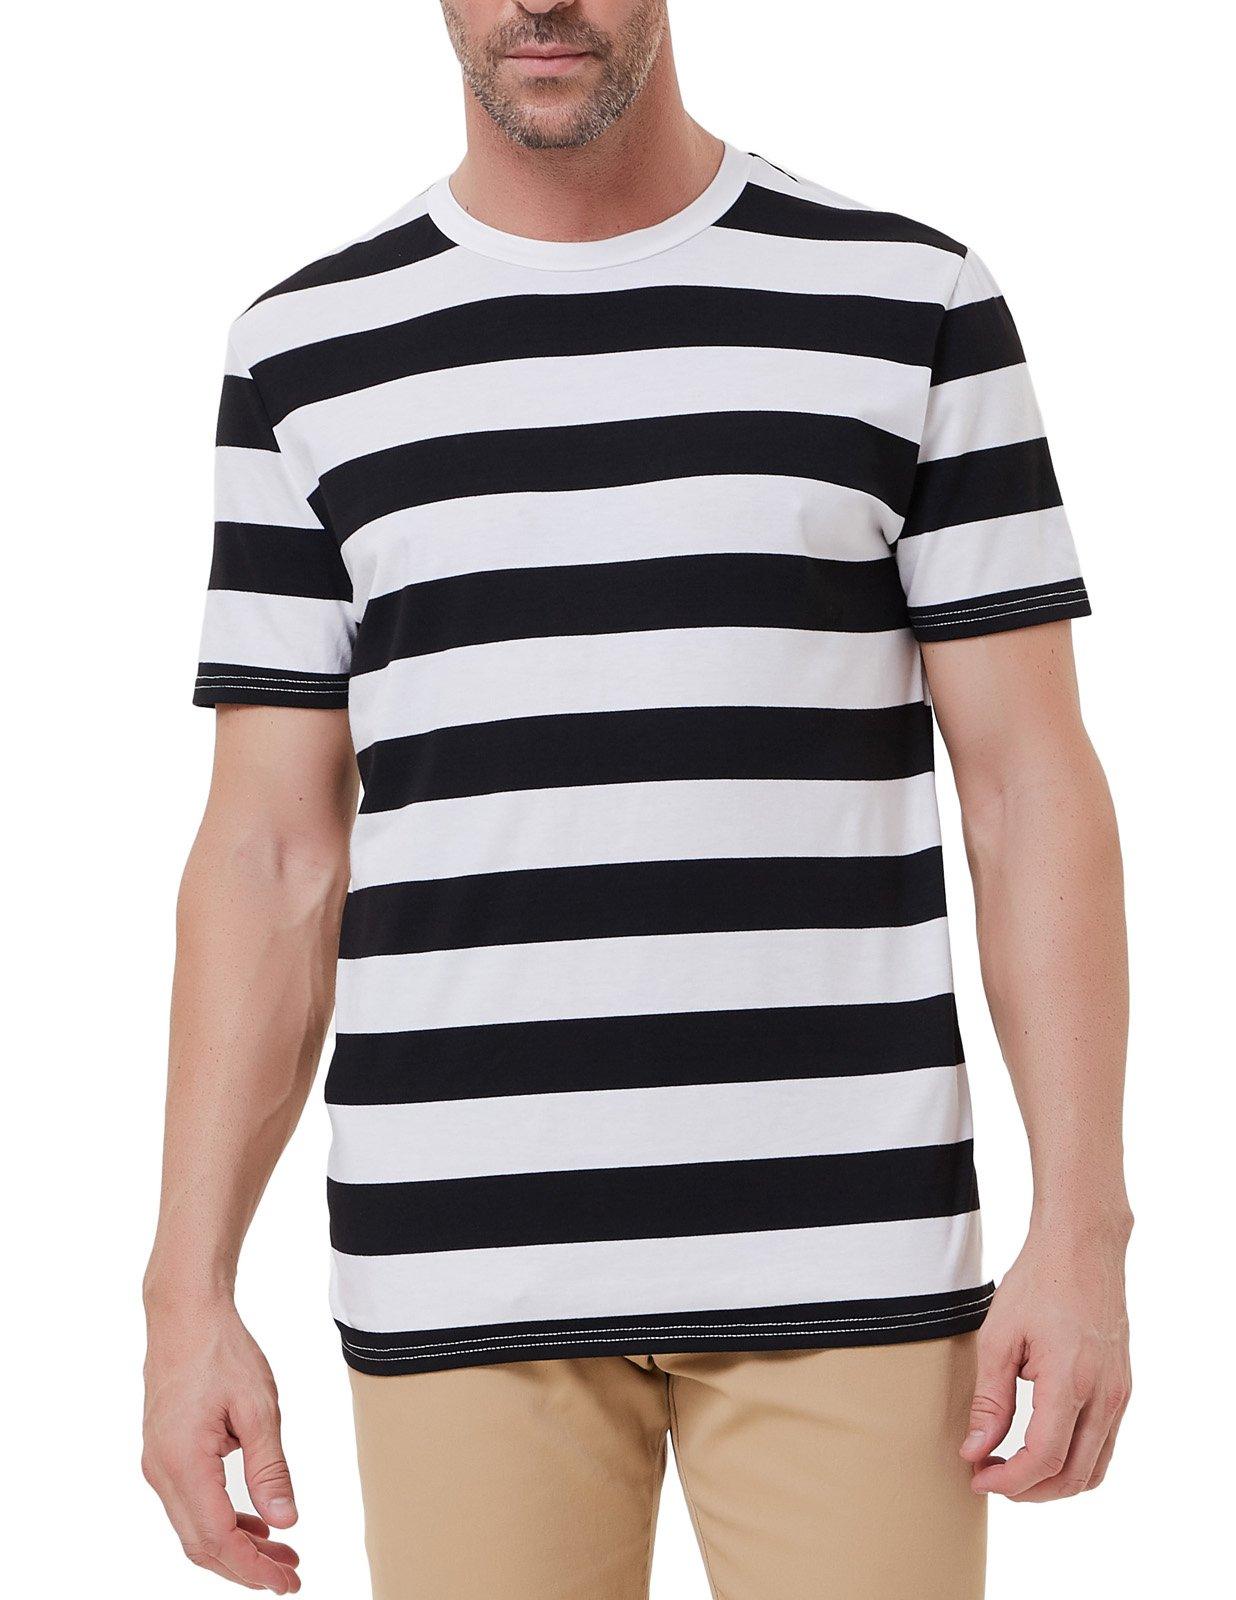 PAUL JONES Black & White Striped T-Shirt for Men Short Sleeve Casual Shirt by PAUL JONES